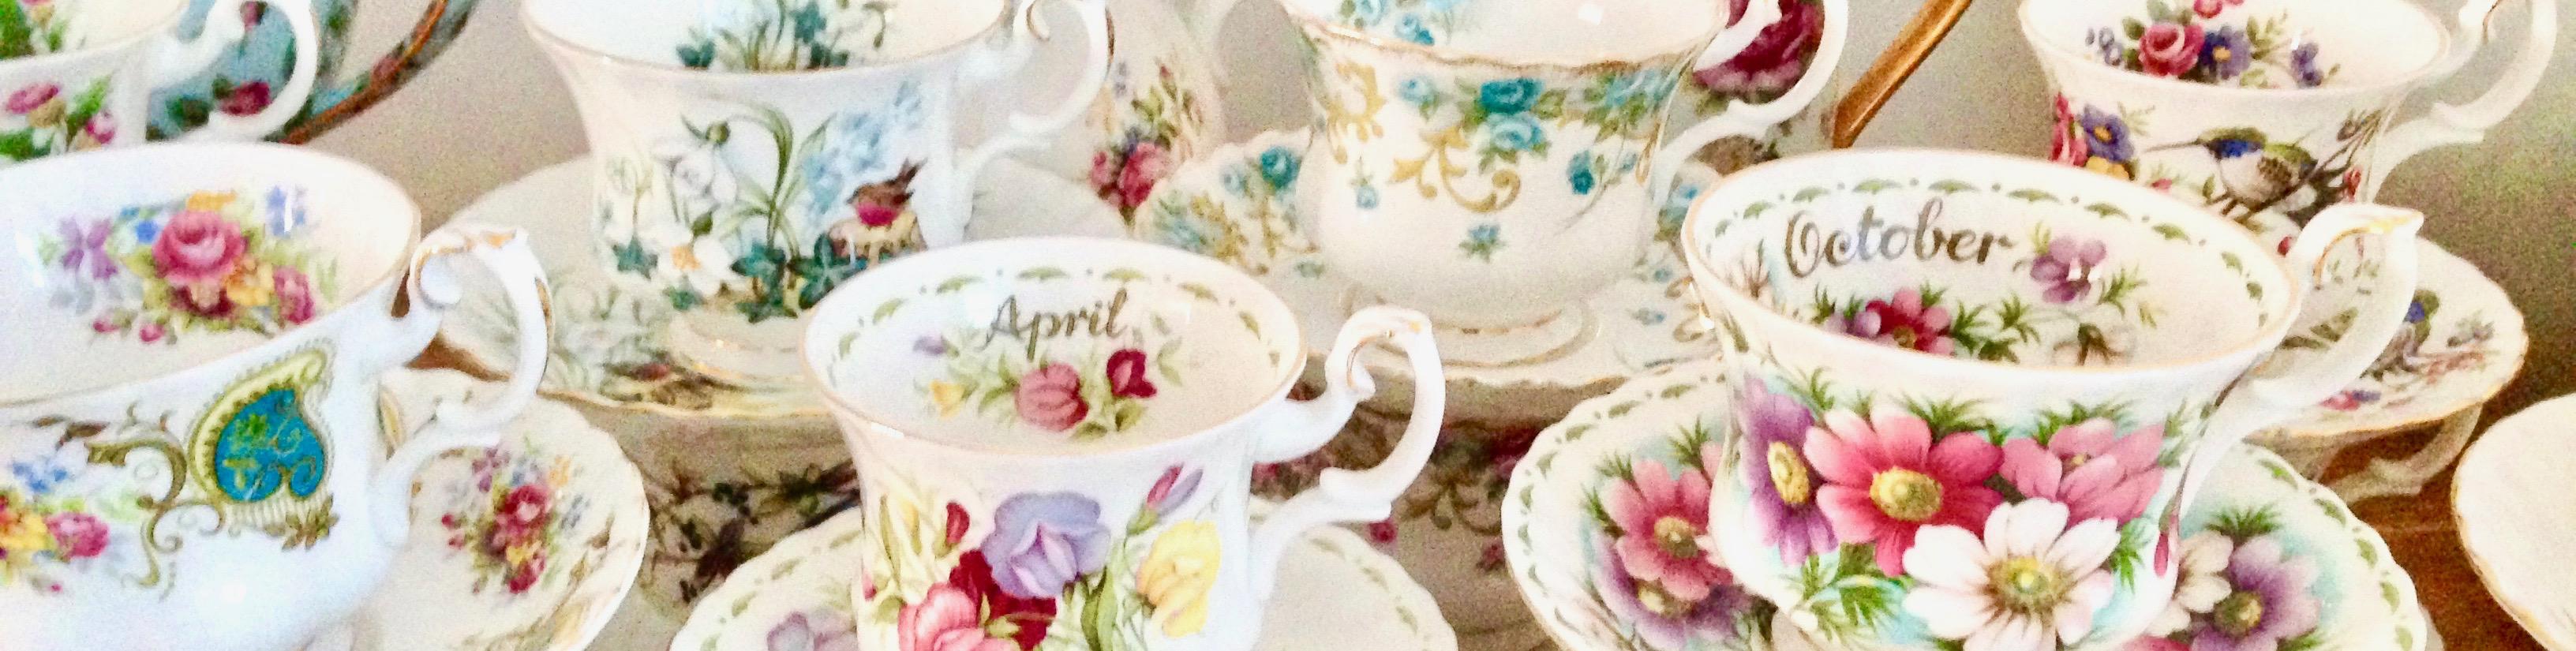 Porcelanas de ensueños